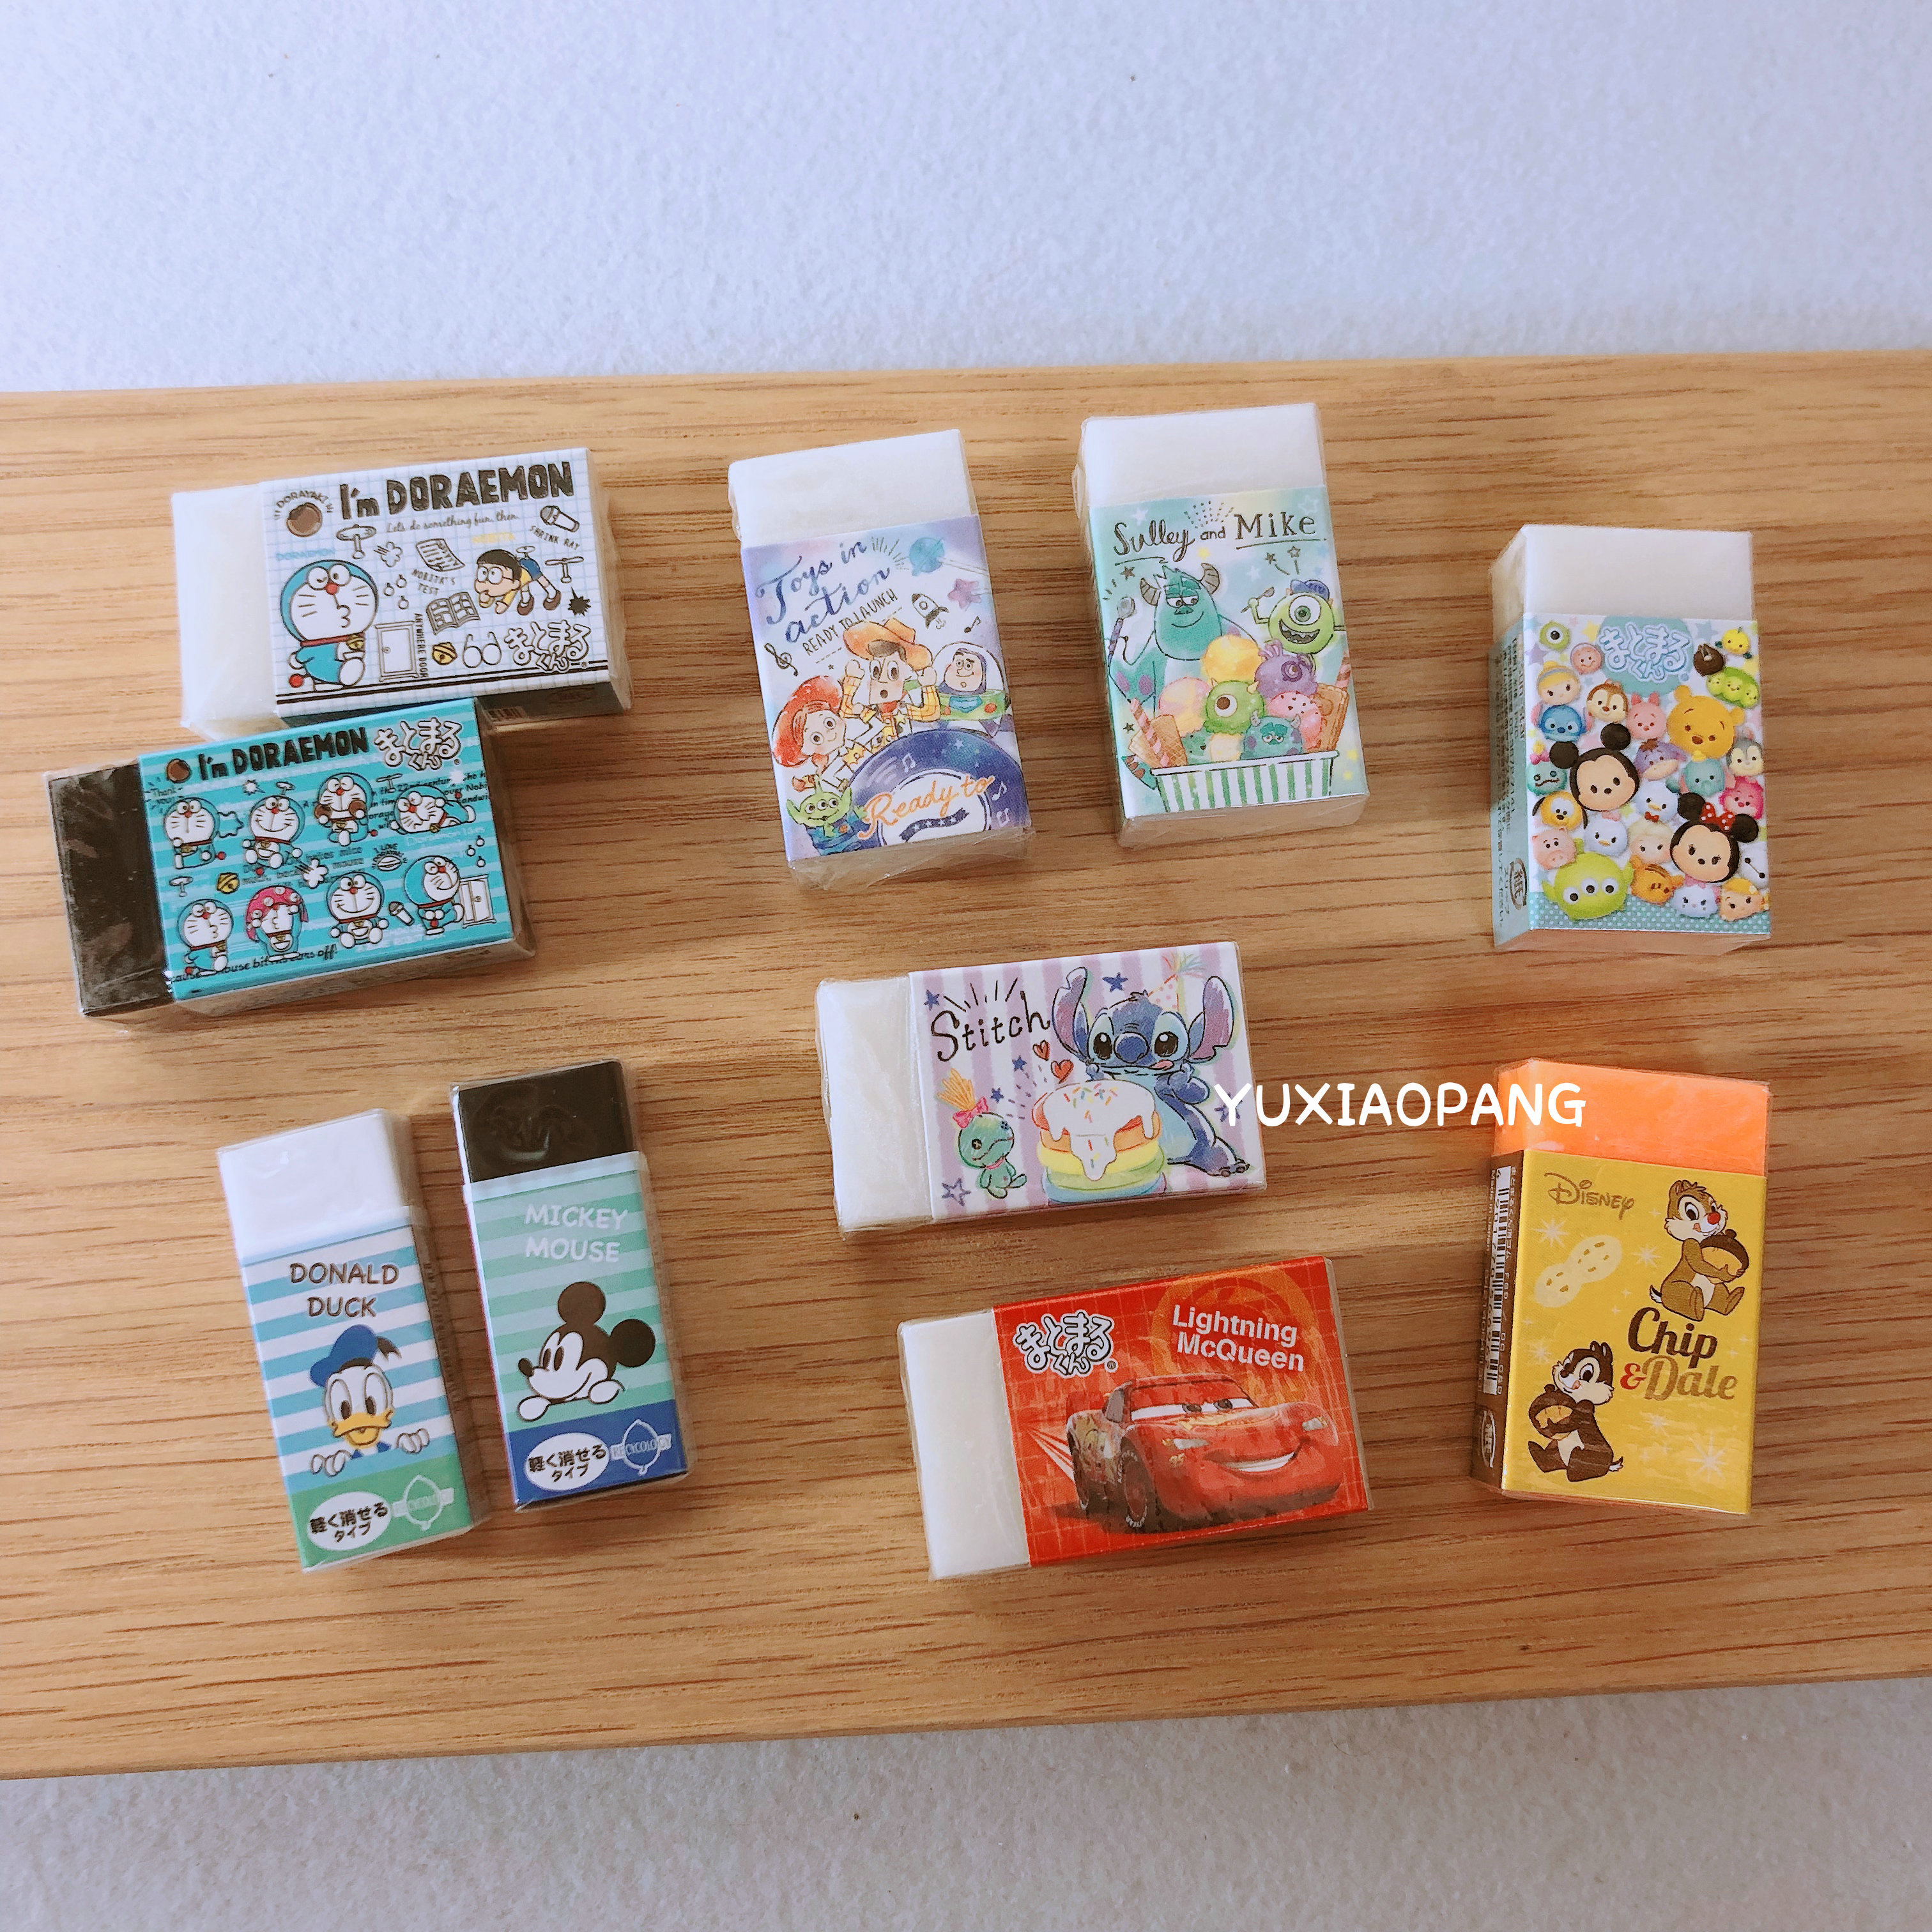 一堆小可爱橡皮擦 日本制 迪士尼系列机器猫白橡皮擦